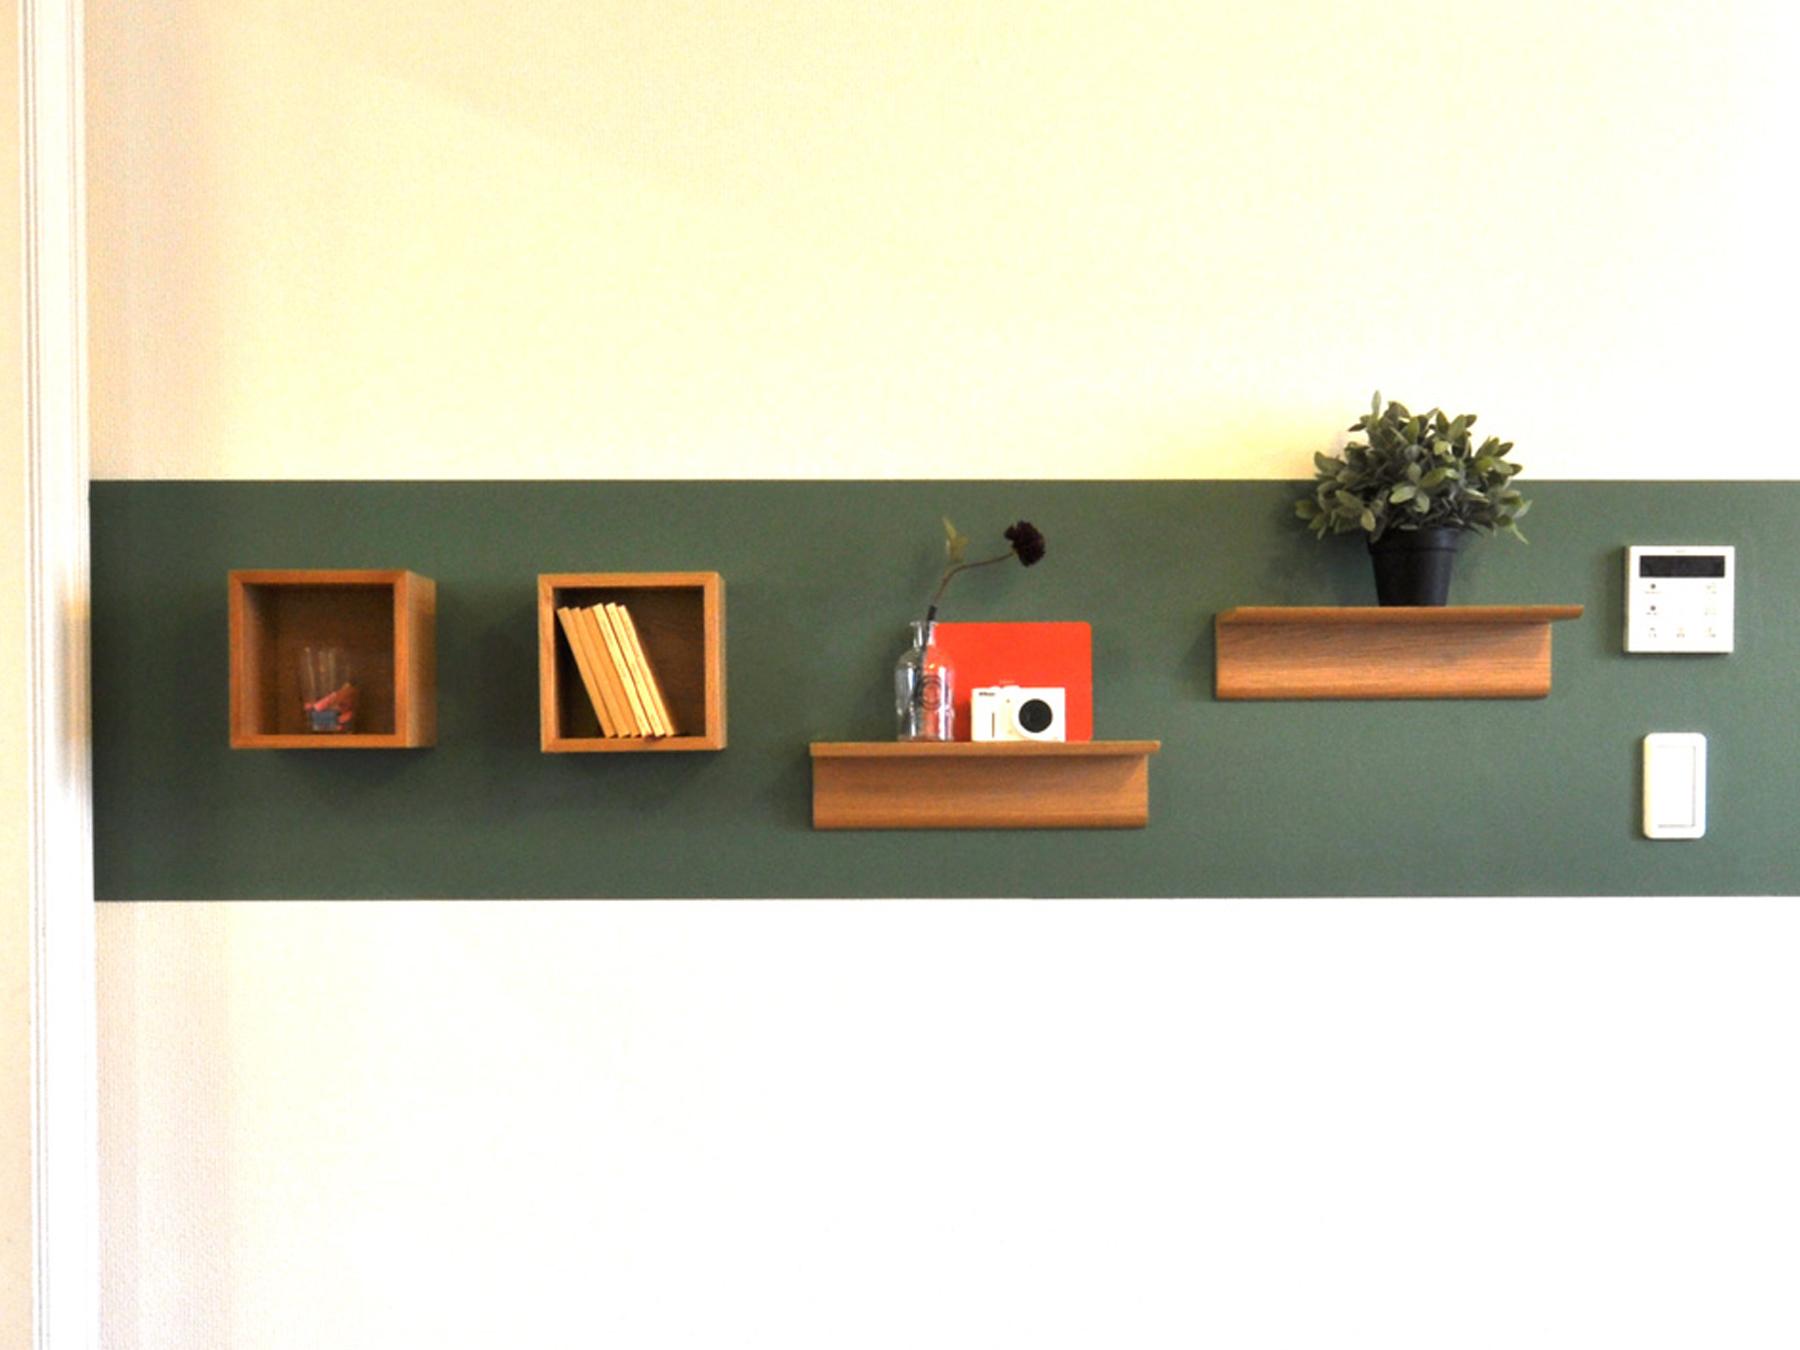 実例あり マグネットシートをインテリアに活かしてオシャレな部屋に生まれ変える方法 壁のhowto 壁のdiy専門店ウォールデコレーションストア